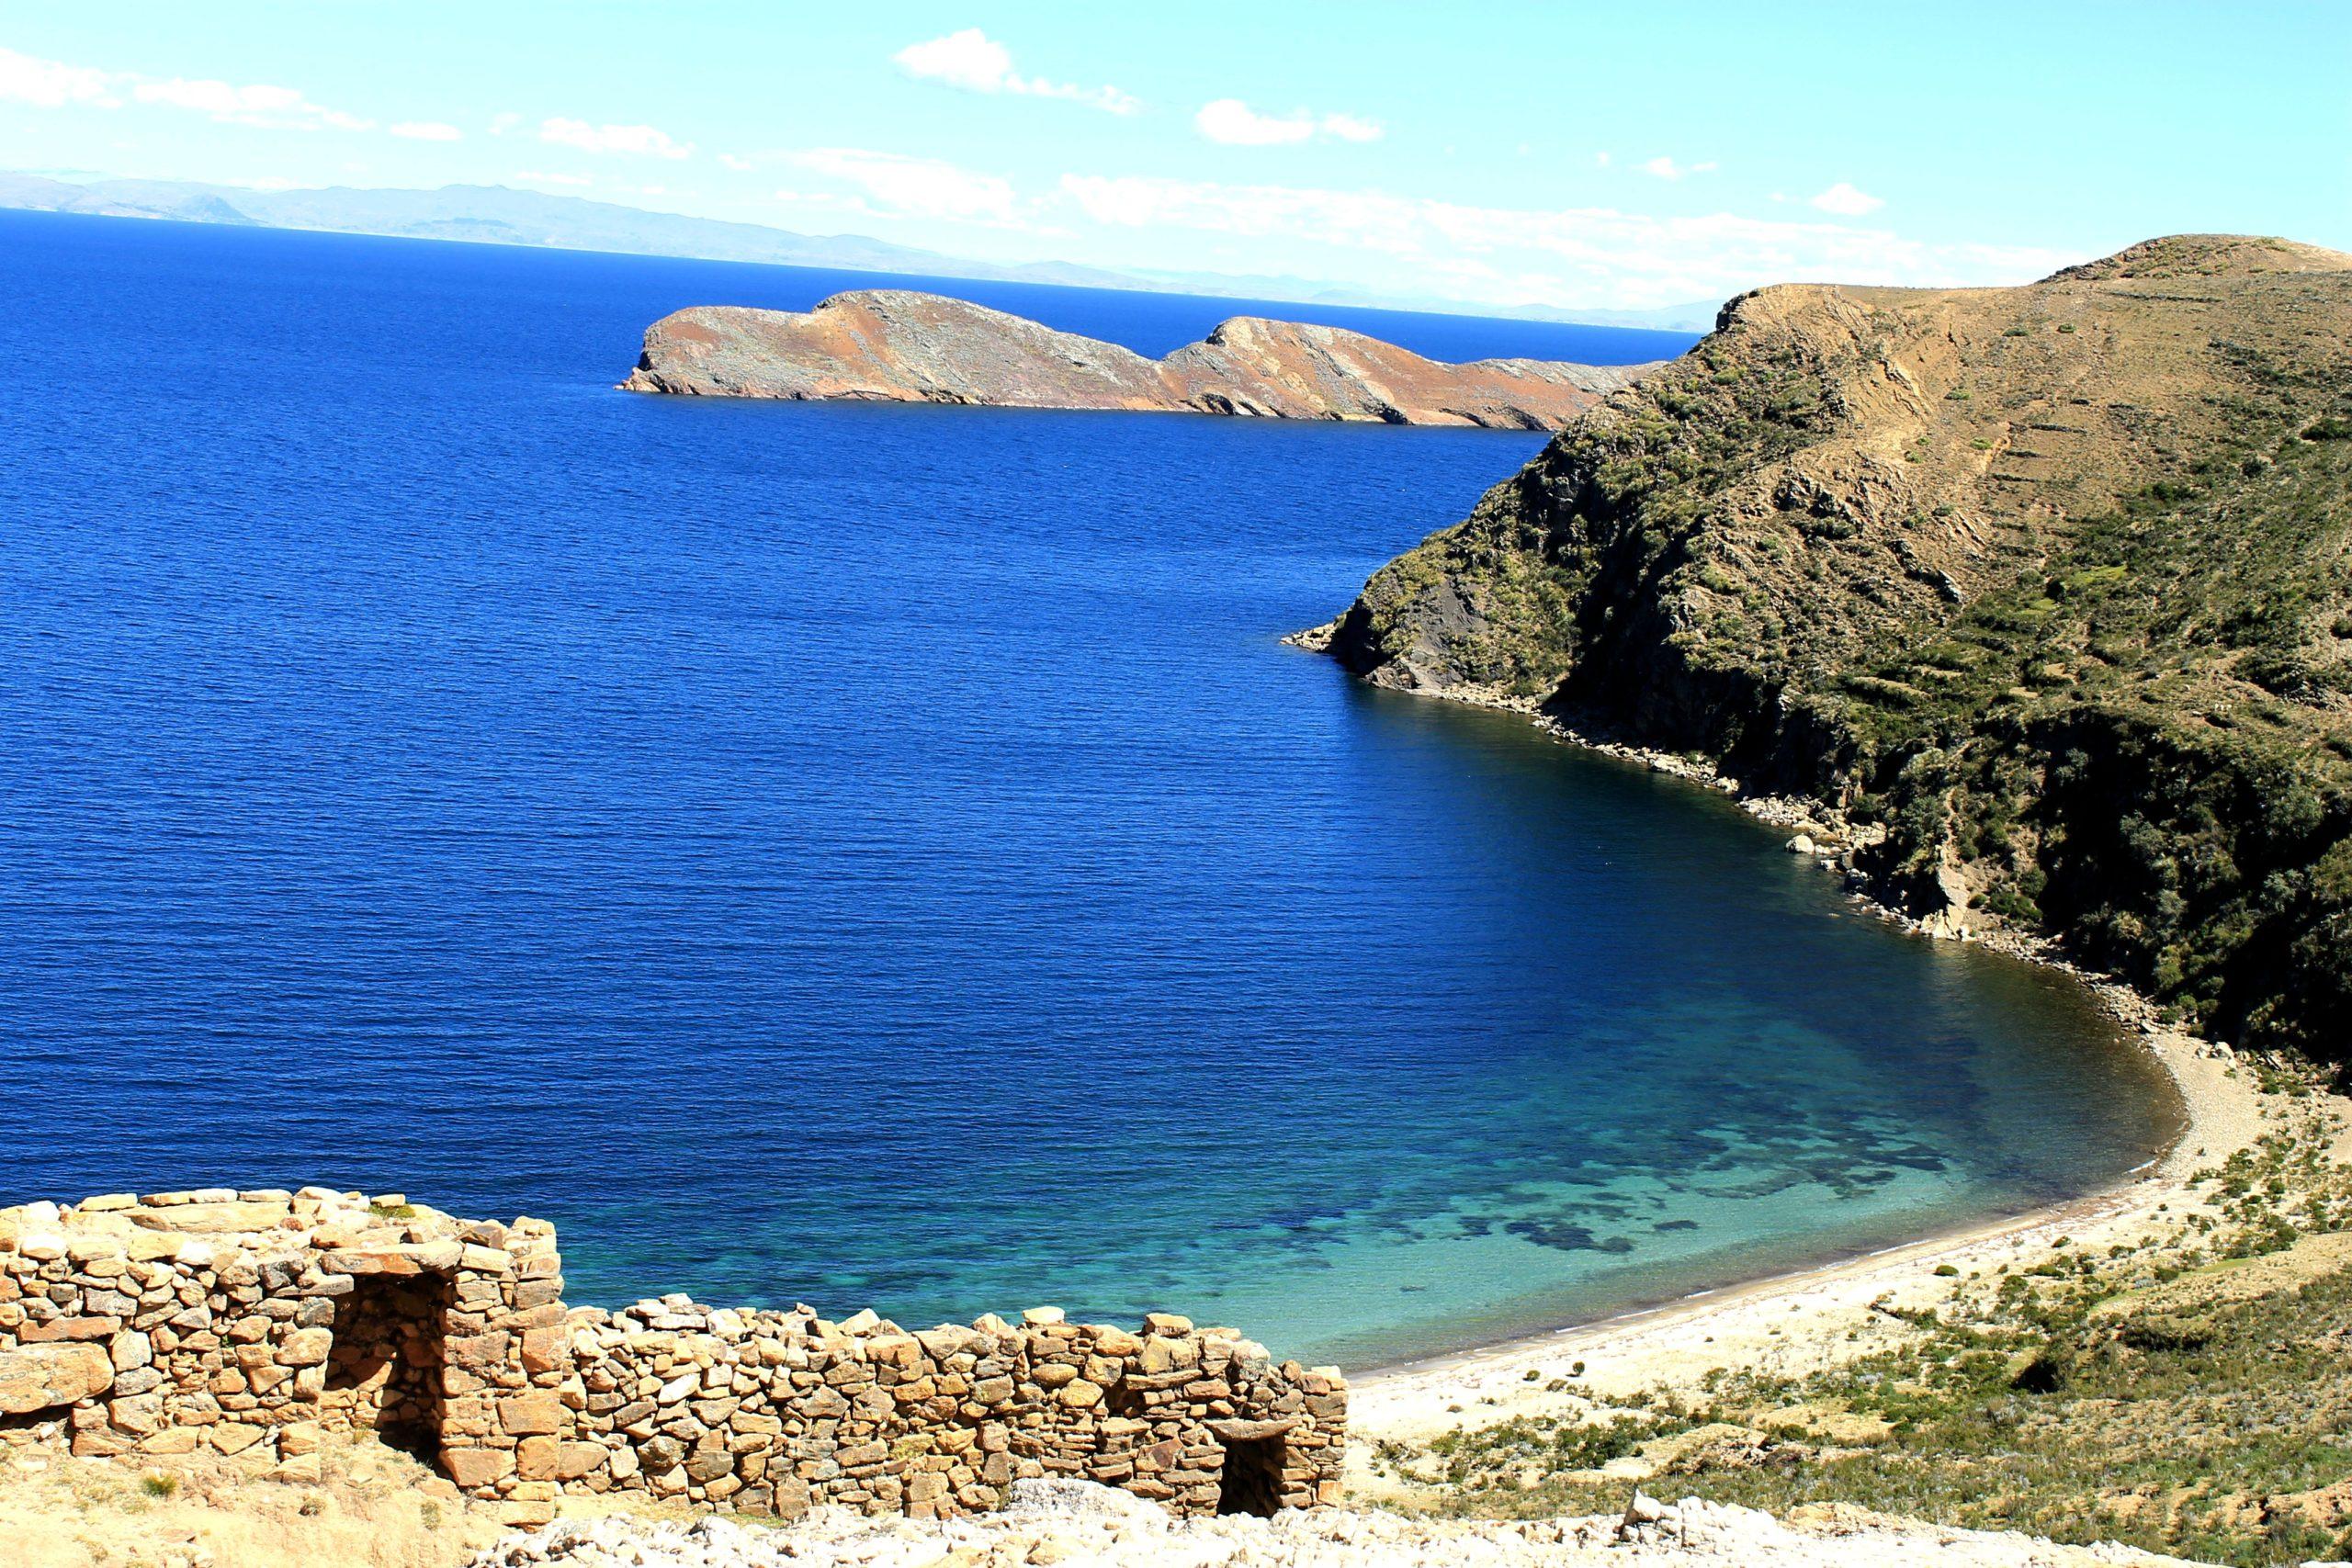 Ruines Chincana de l'ile du Soleil sur le lac Titicaca